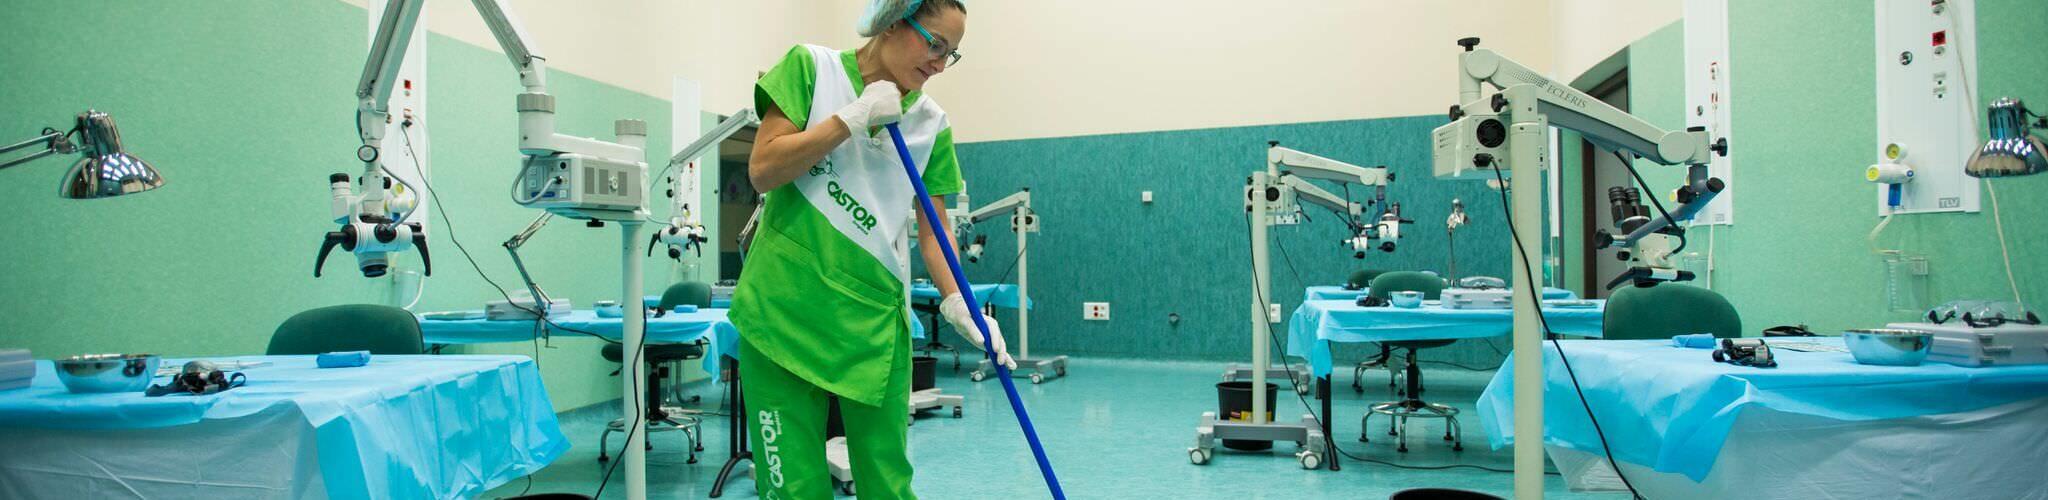 Limpiezas Castor. empresa-limpieza-cadiz-2048x500 Empresa de limpieza en Cádiz